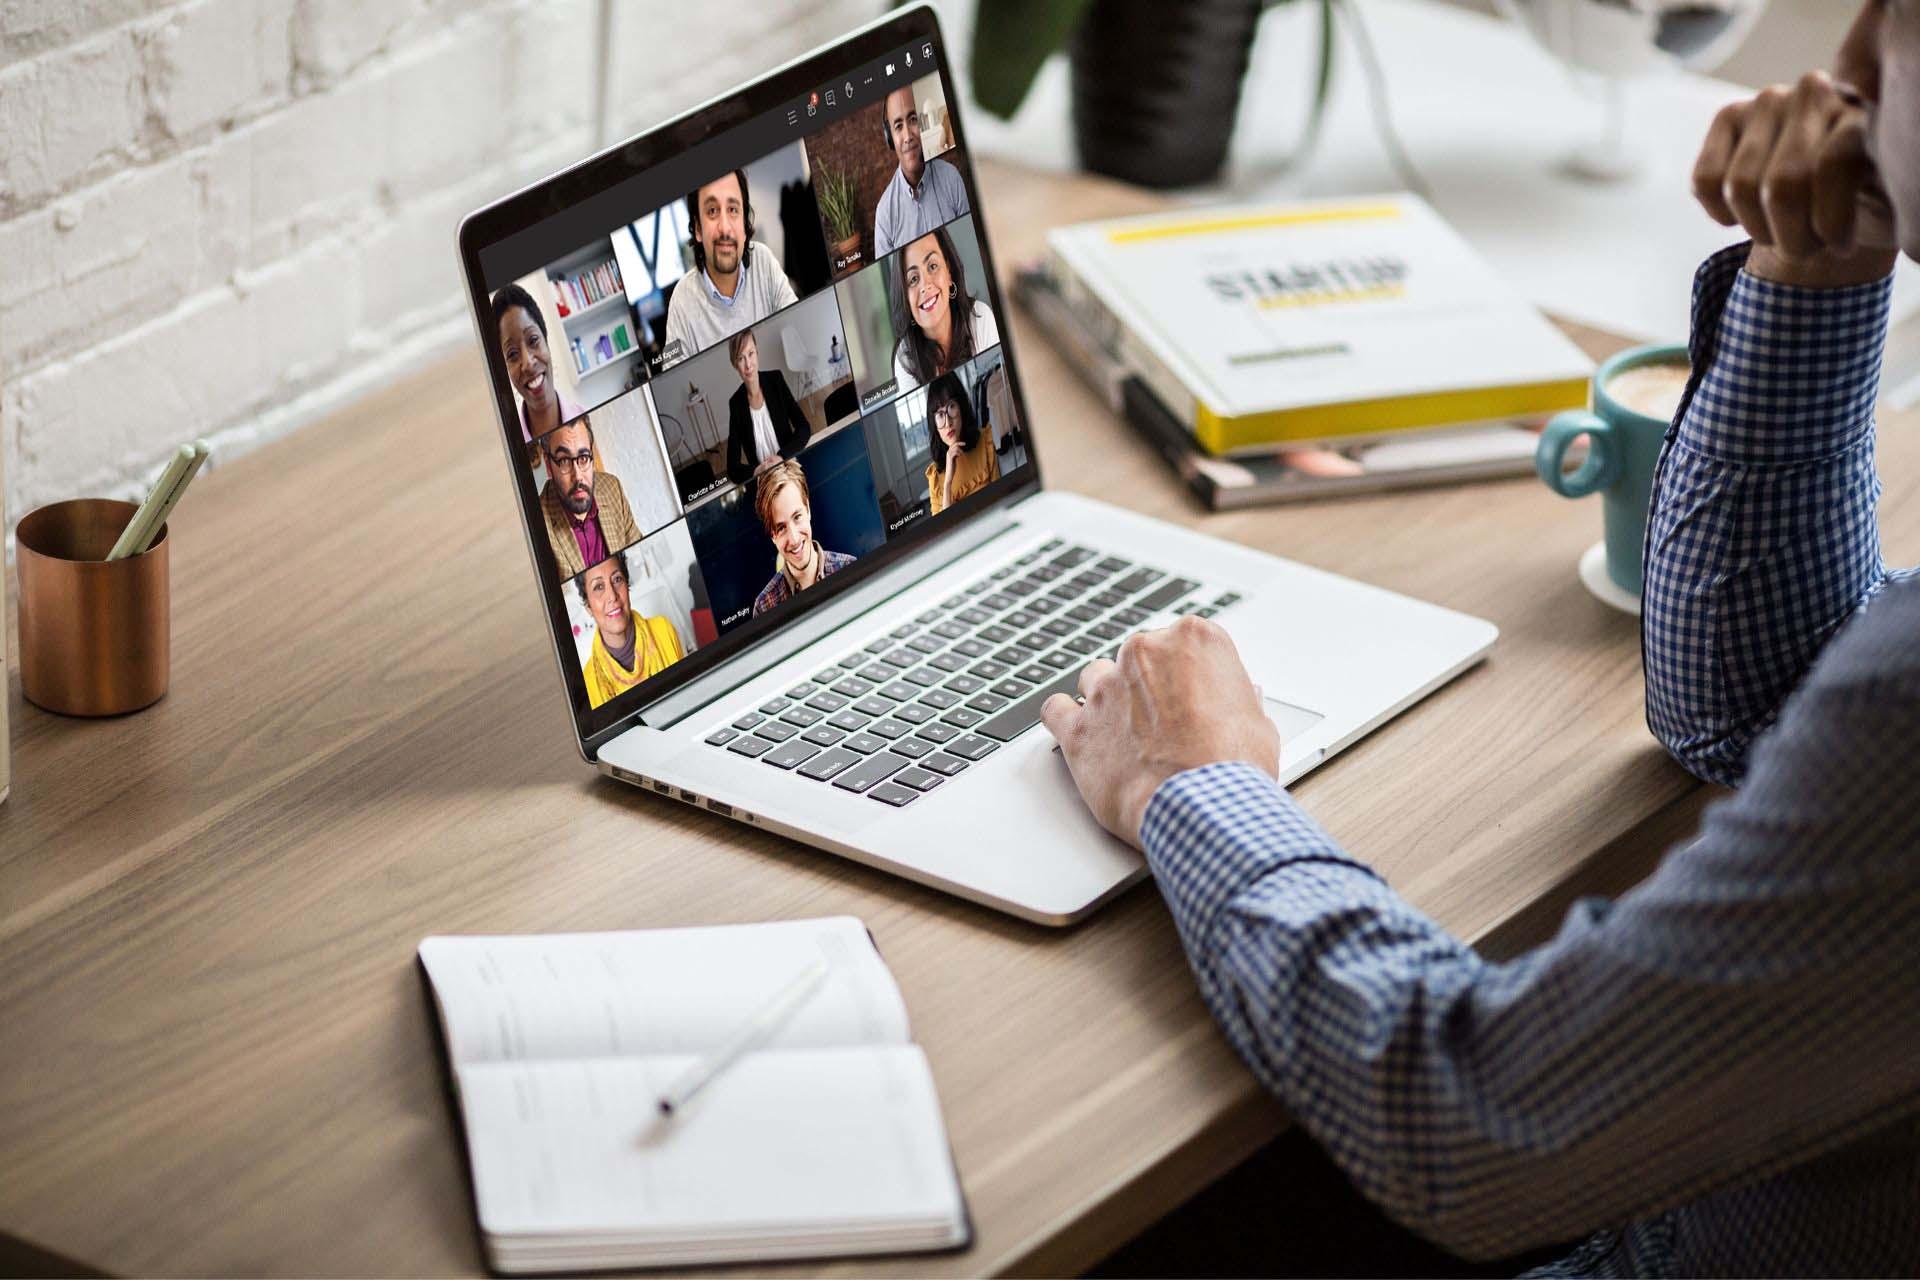 microsoft teams, videóhívás, videókonferencia, hangmegosztás, videómegosztás, hangszóró, hangbeállítás, teams videóhívás, teams konferencia